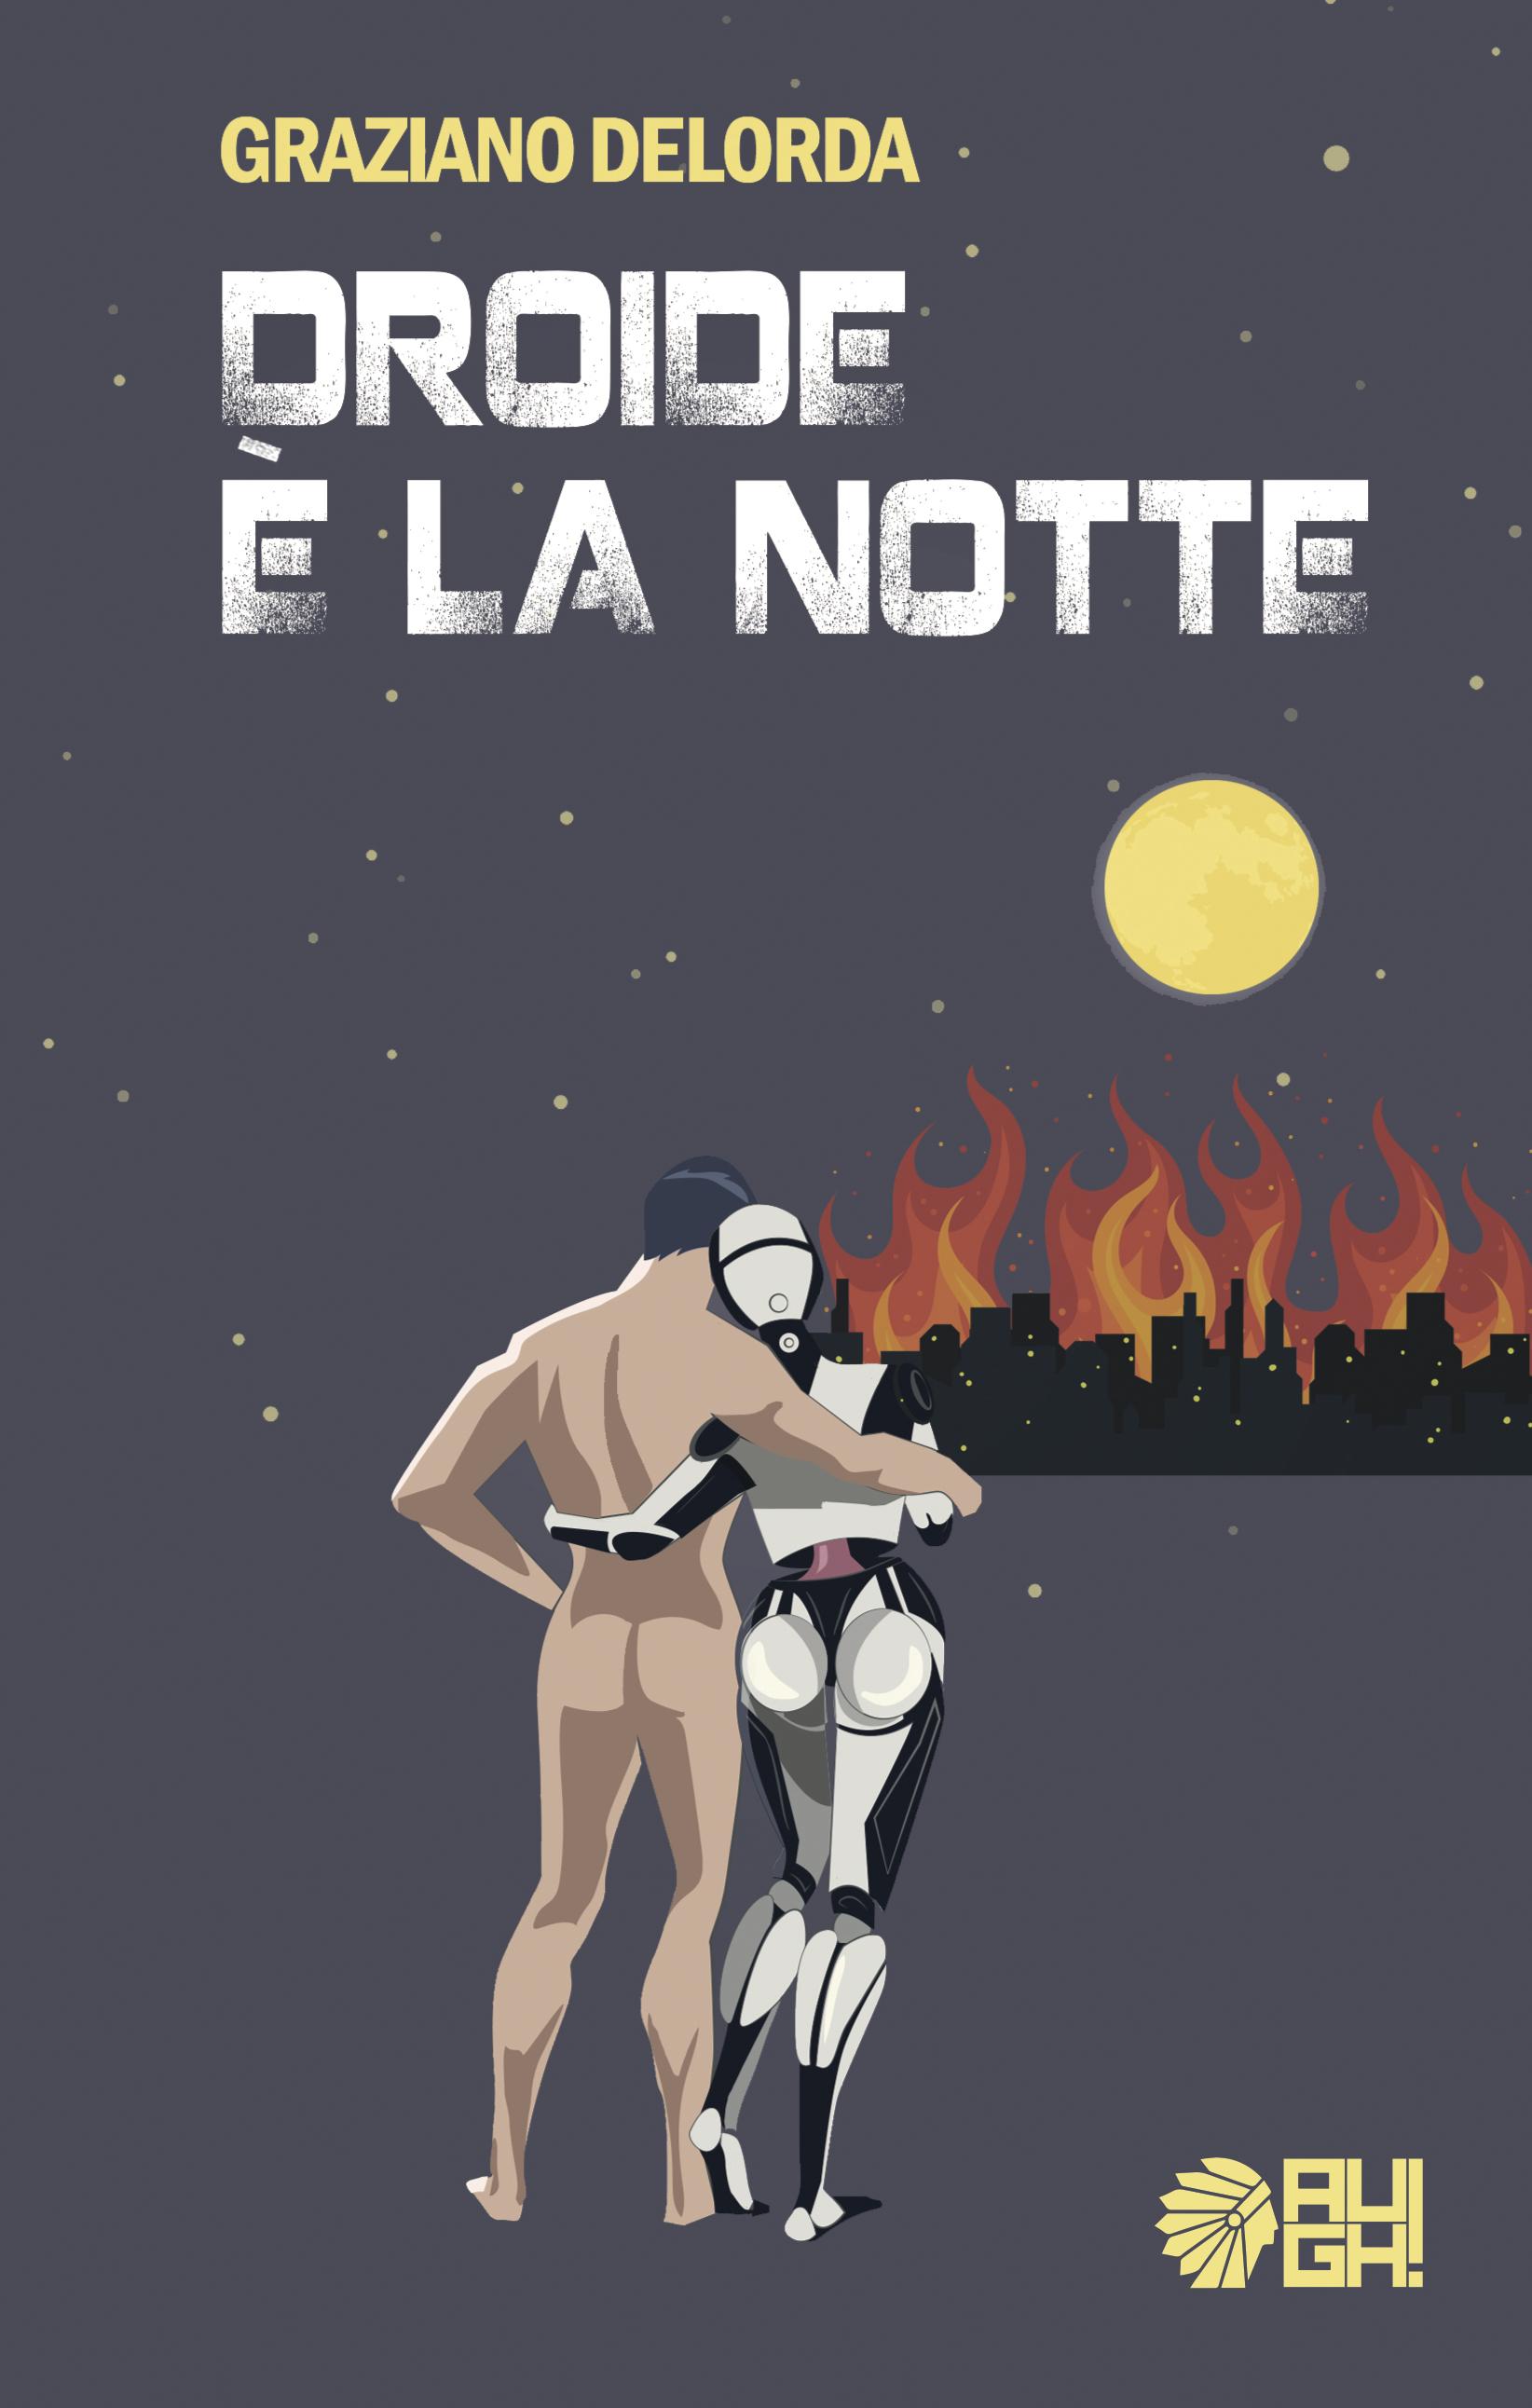 Droide è la notte - Graziano Delorda (AUGH!, 2017) 6 - fanzine